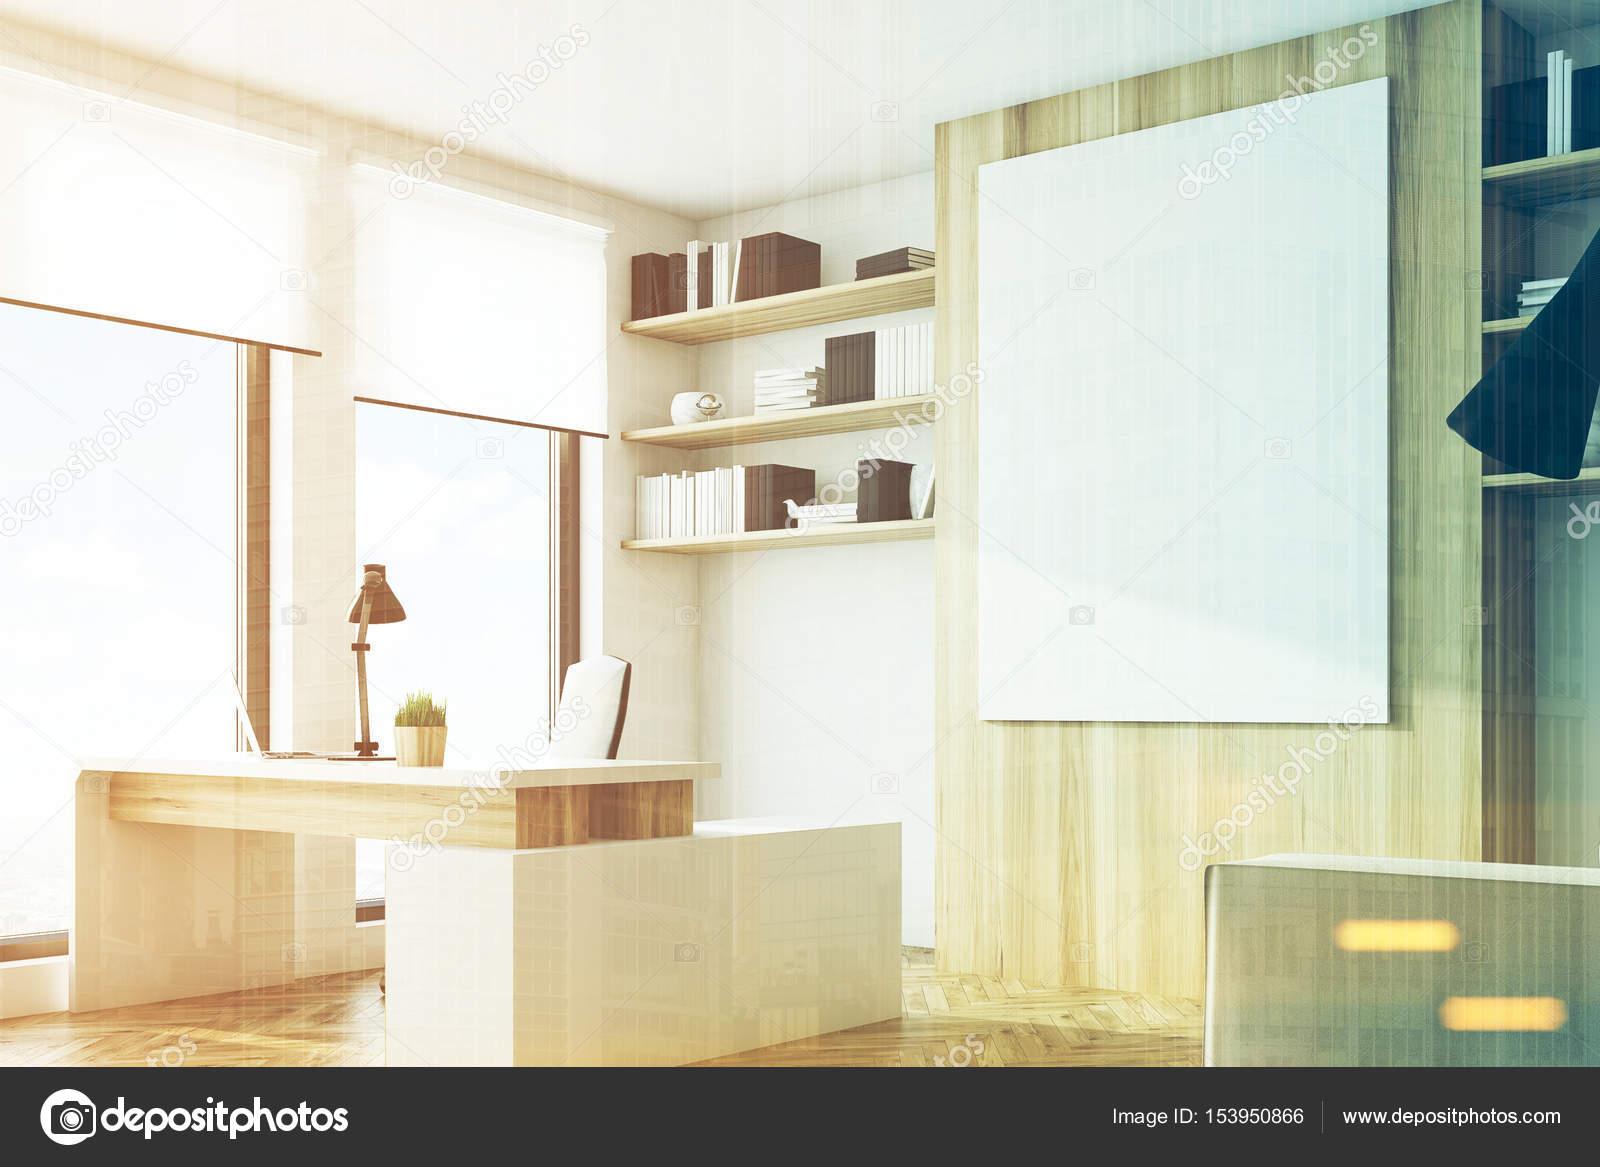 Bureau en bois clair côté tonifié u2014 photographie denisismagilov